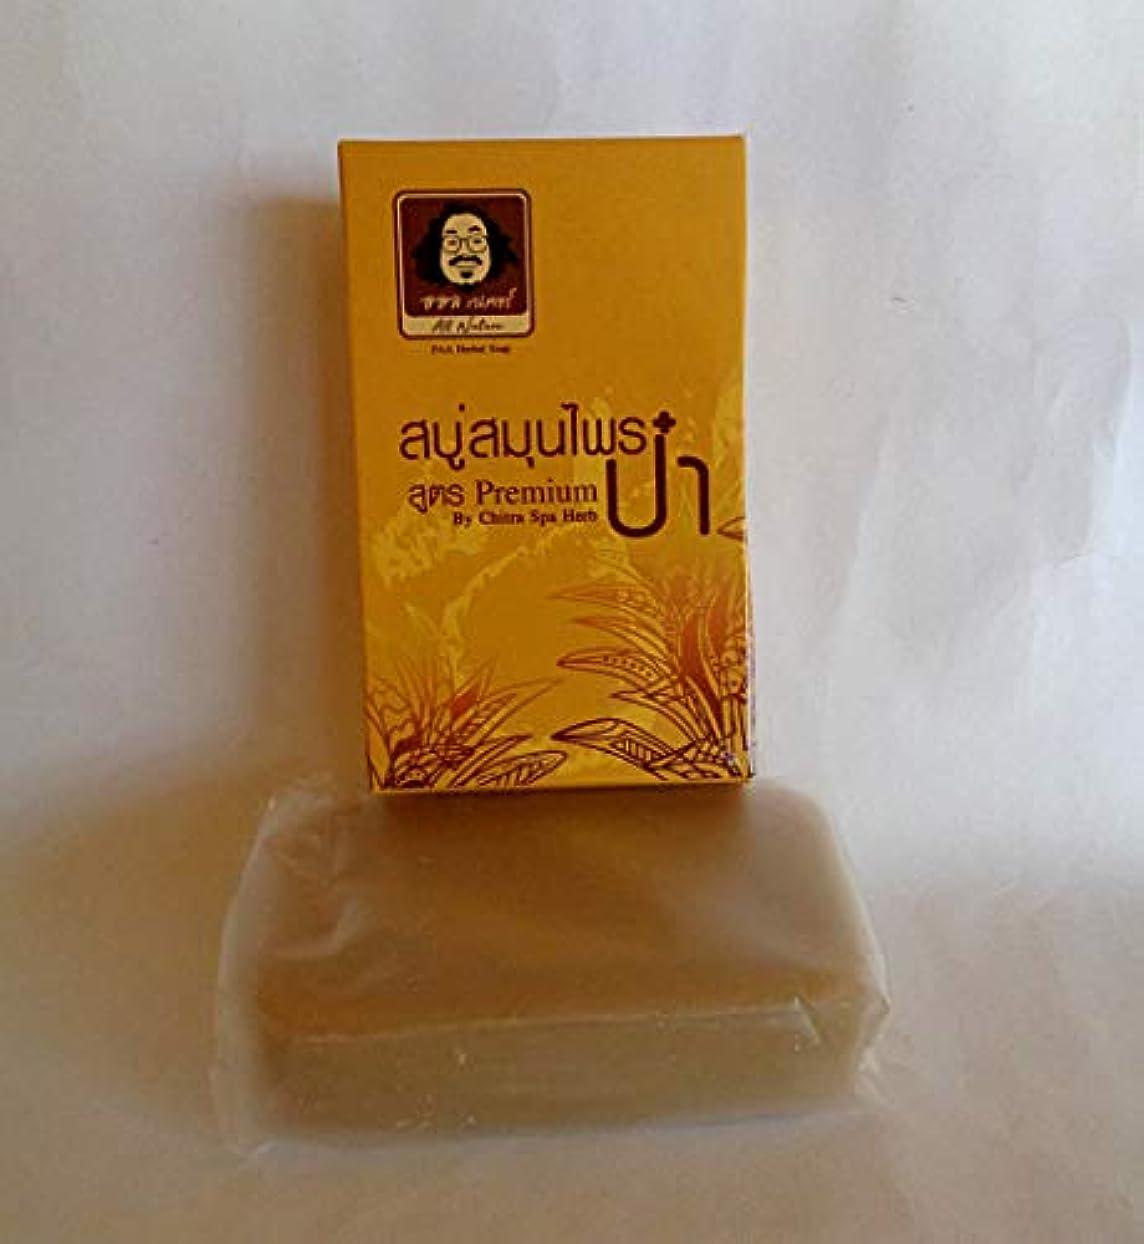 ヒロイック修羅場医療のPaa Herbal soap all nature chemical free Premium Fomula ハーバルソープオールケミカルフリープレミアムフォーミュラ 100 g.